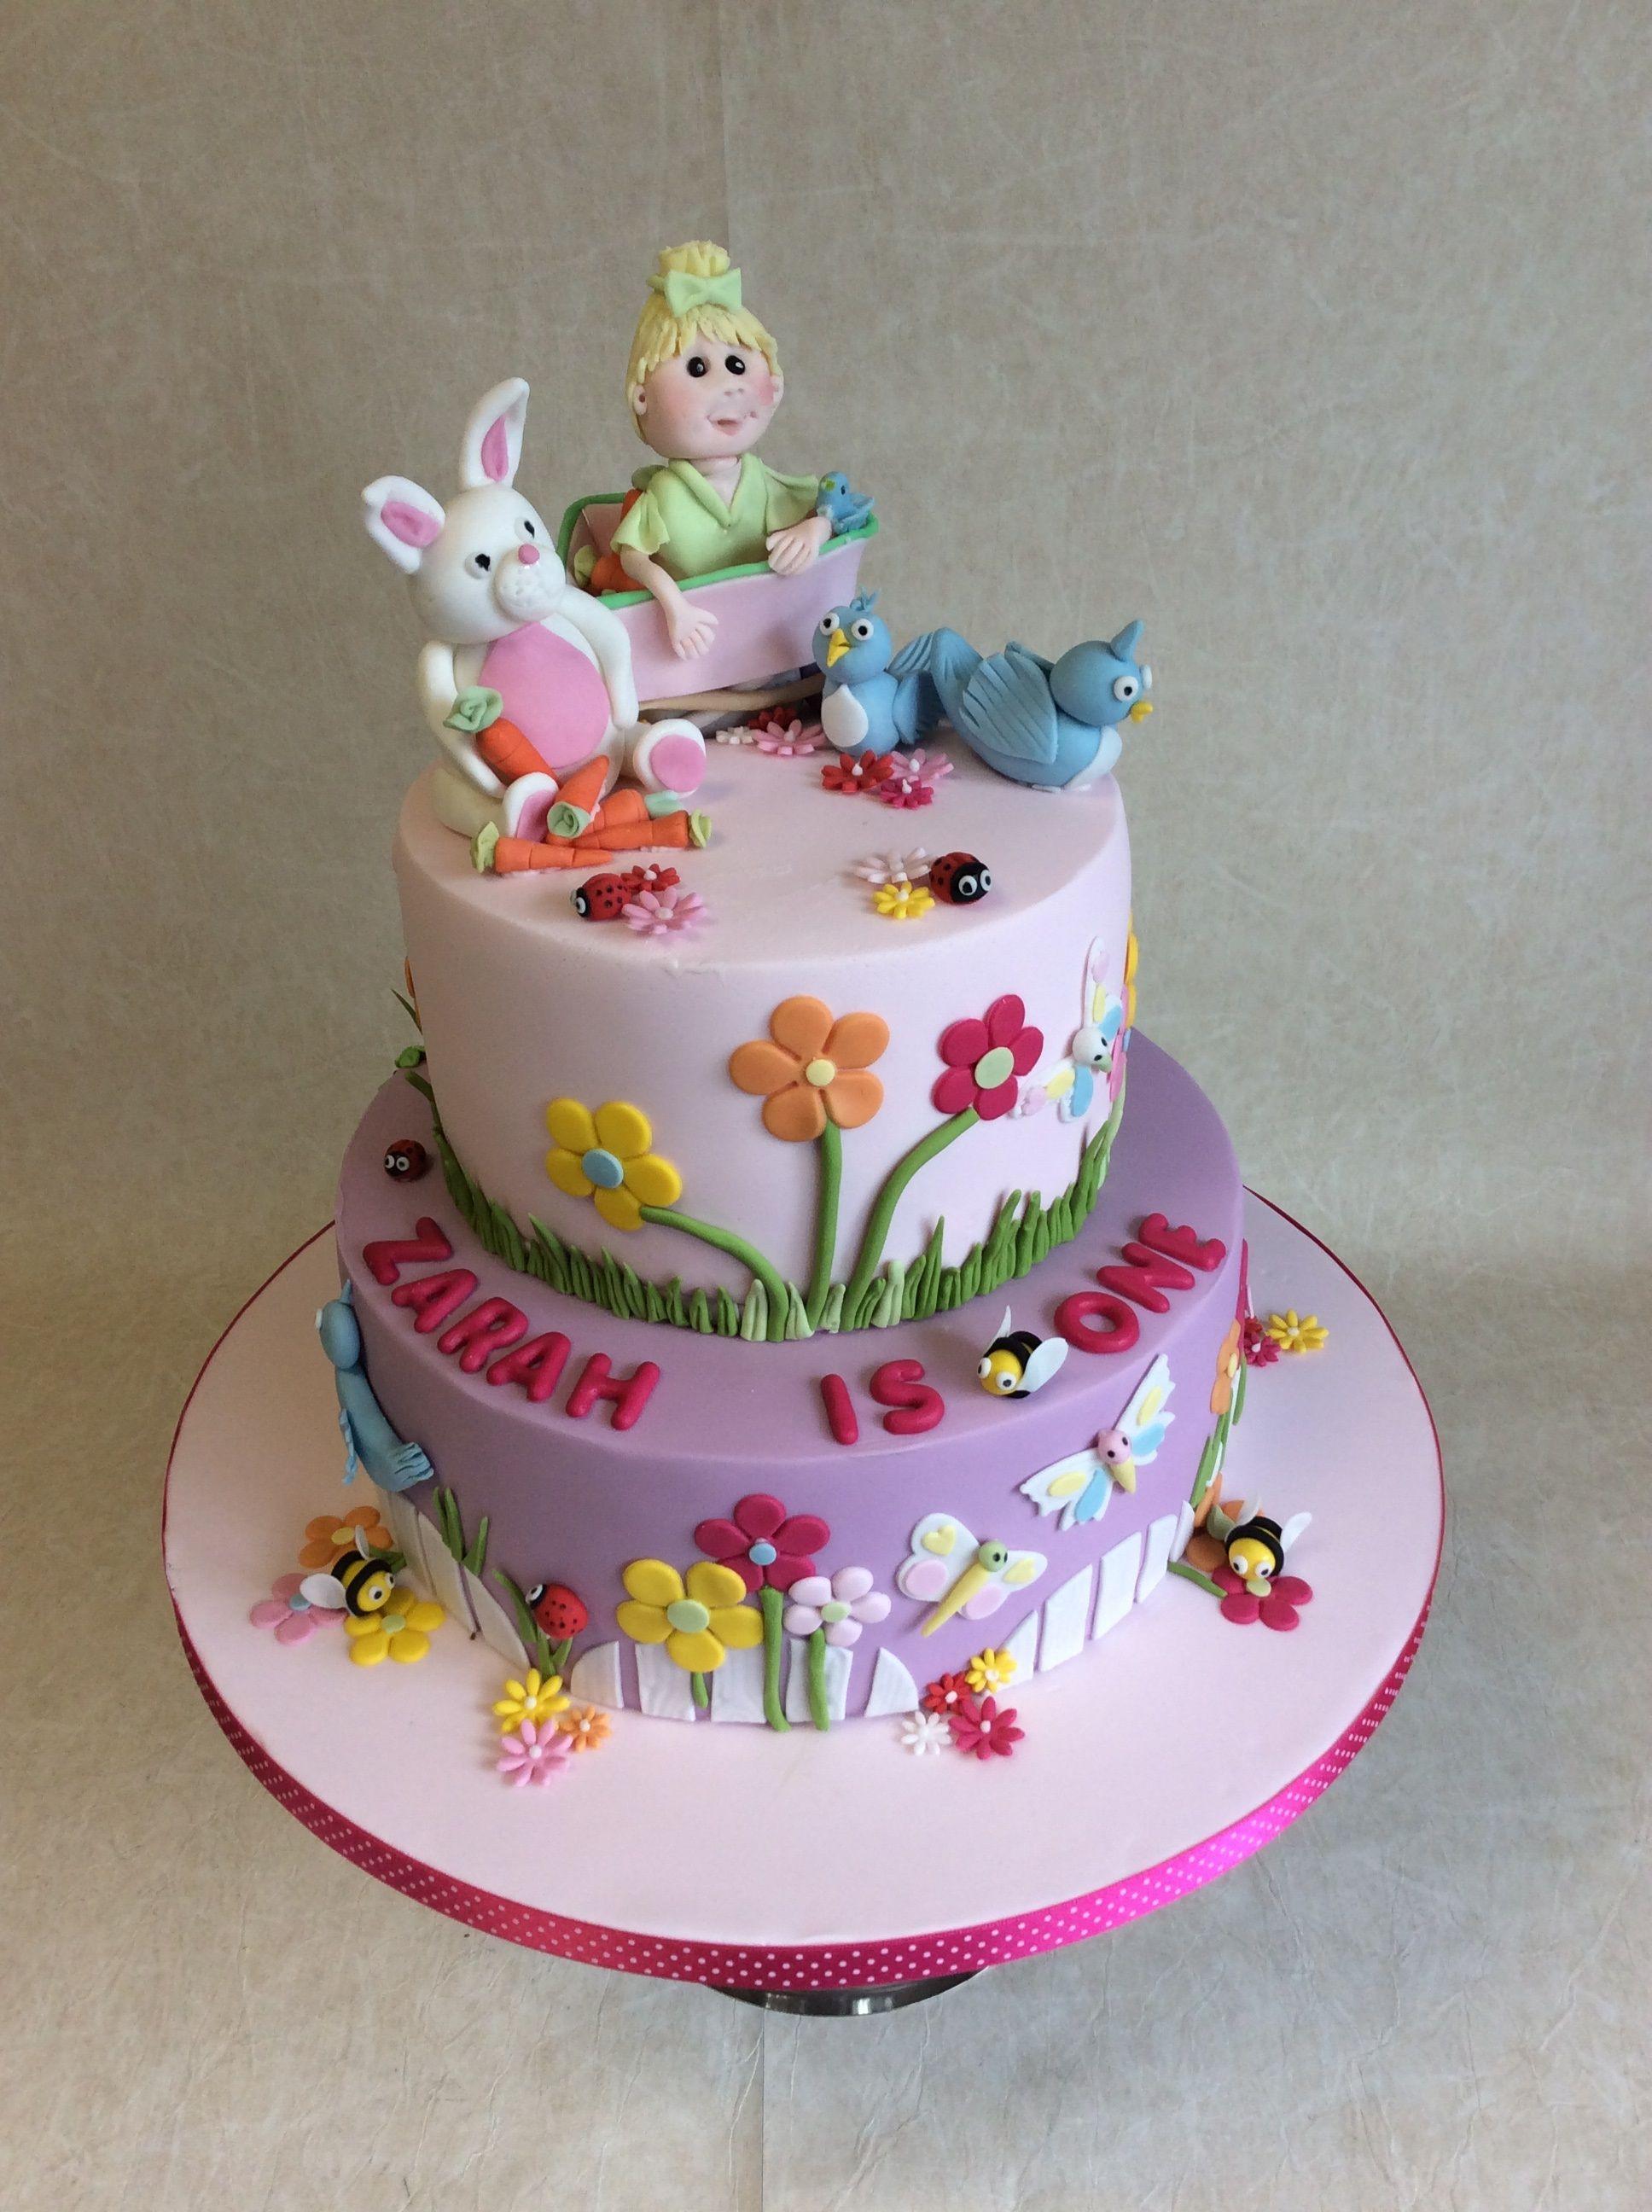 2 tier flower garden 1st birthday cake birthdays pinterest 1st 2 tier flower garden 1st birthday cake sugar craft 1st birthday cakes flower gardening izmirmasajfo